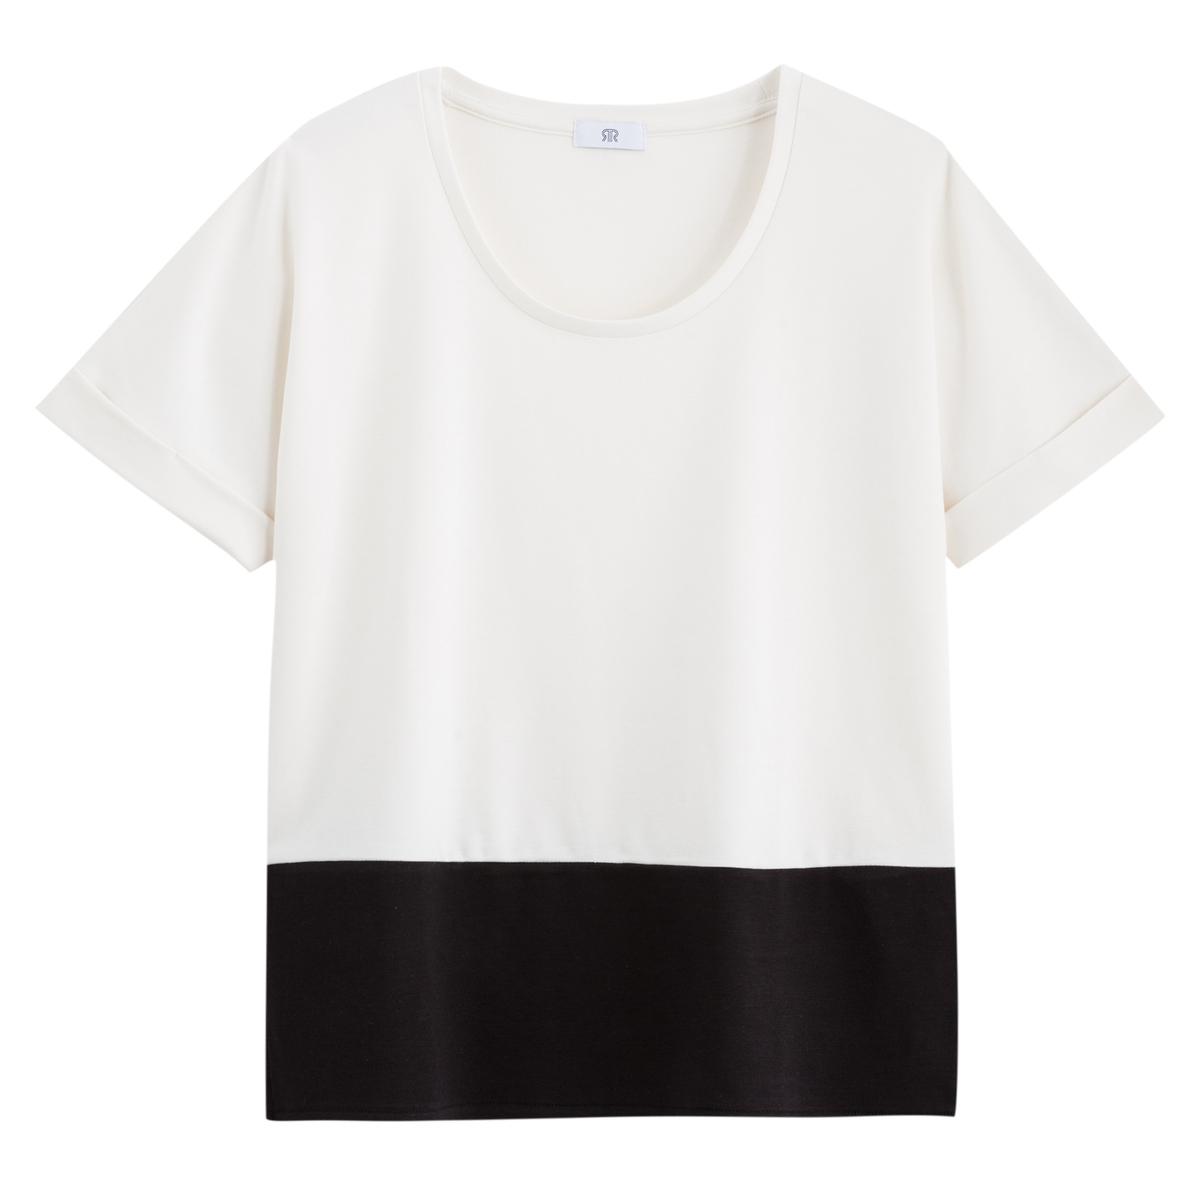 T- shirt bicolor, gola redonda